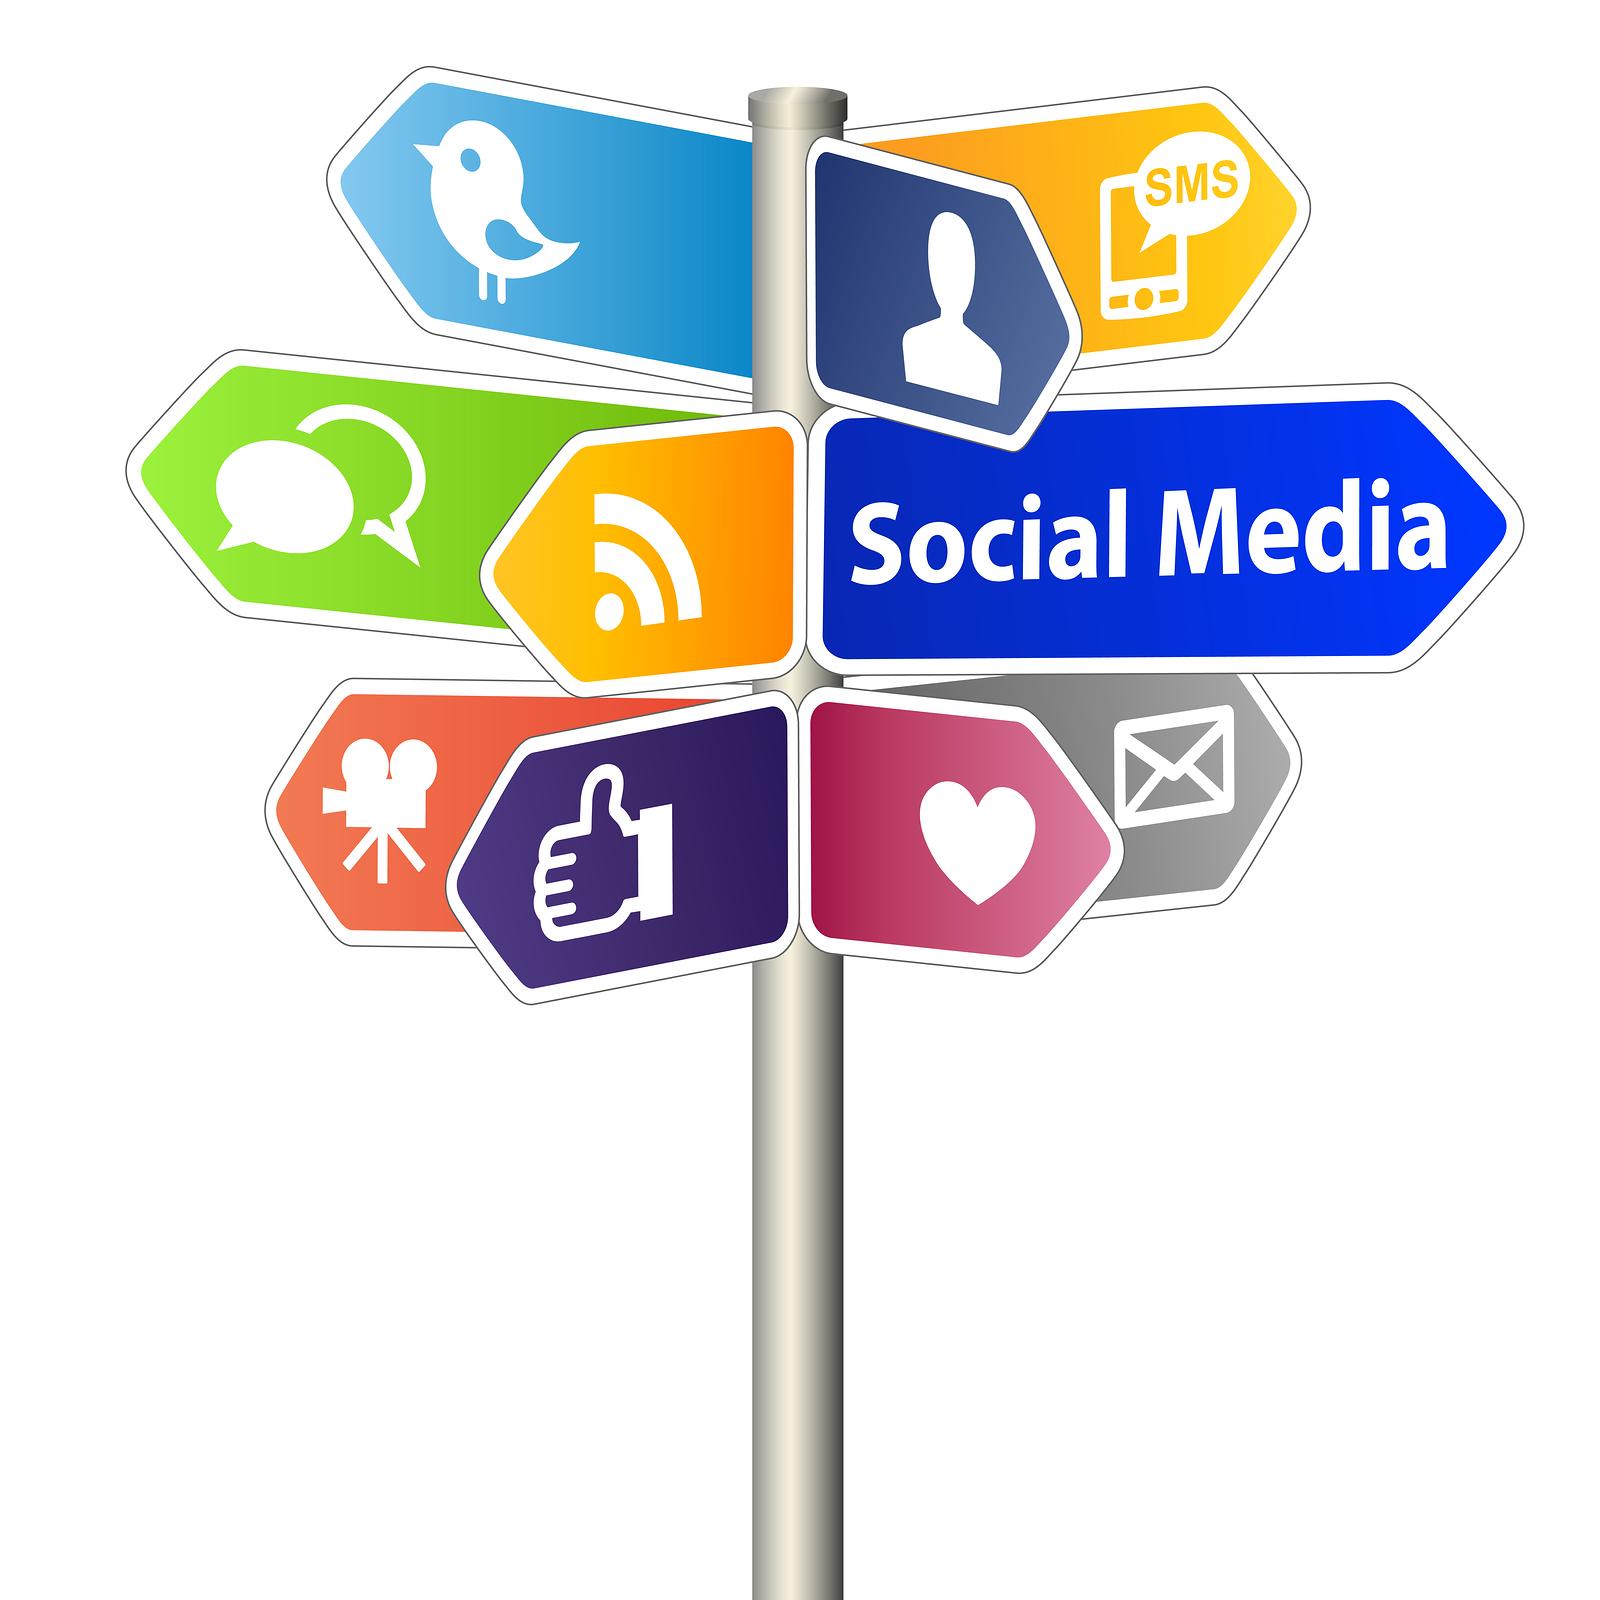 social media signpost.jpg